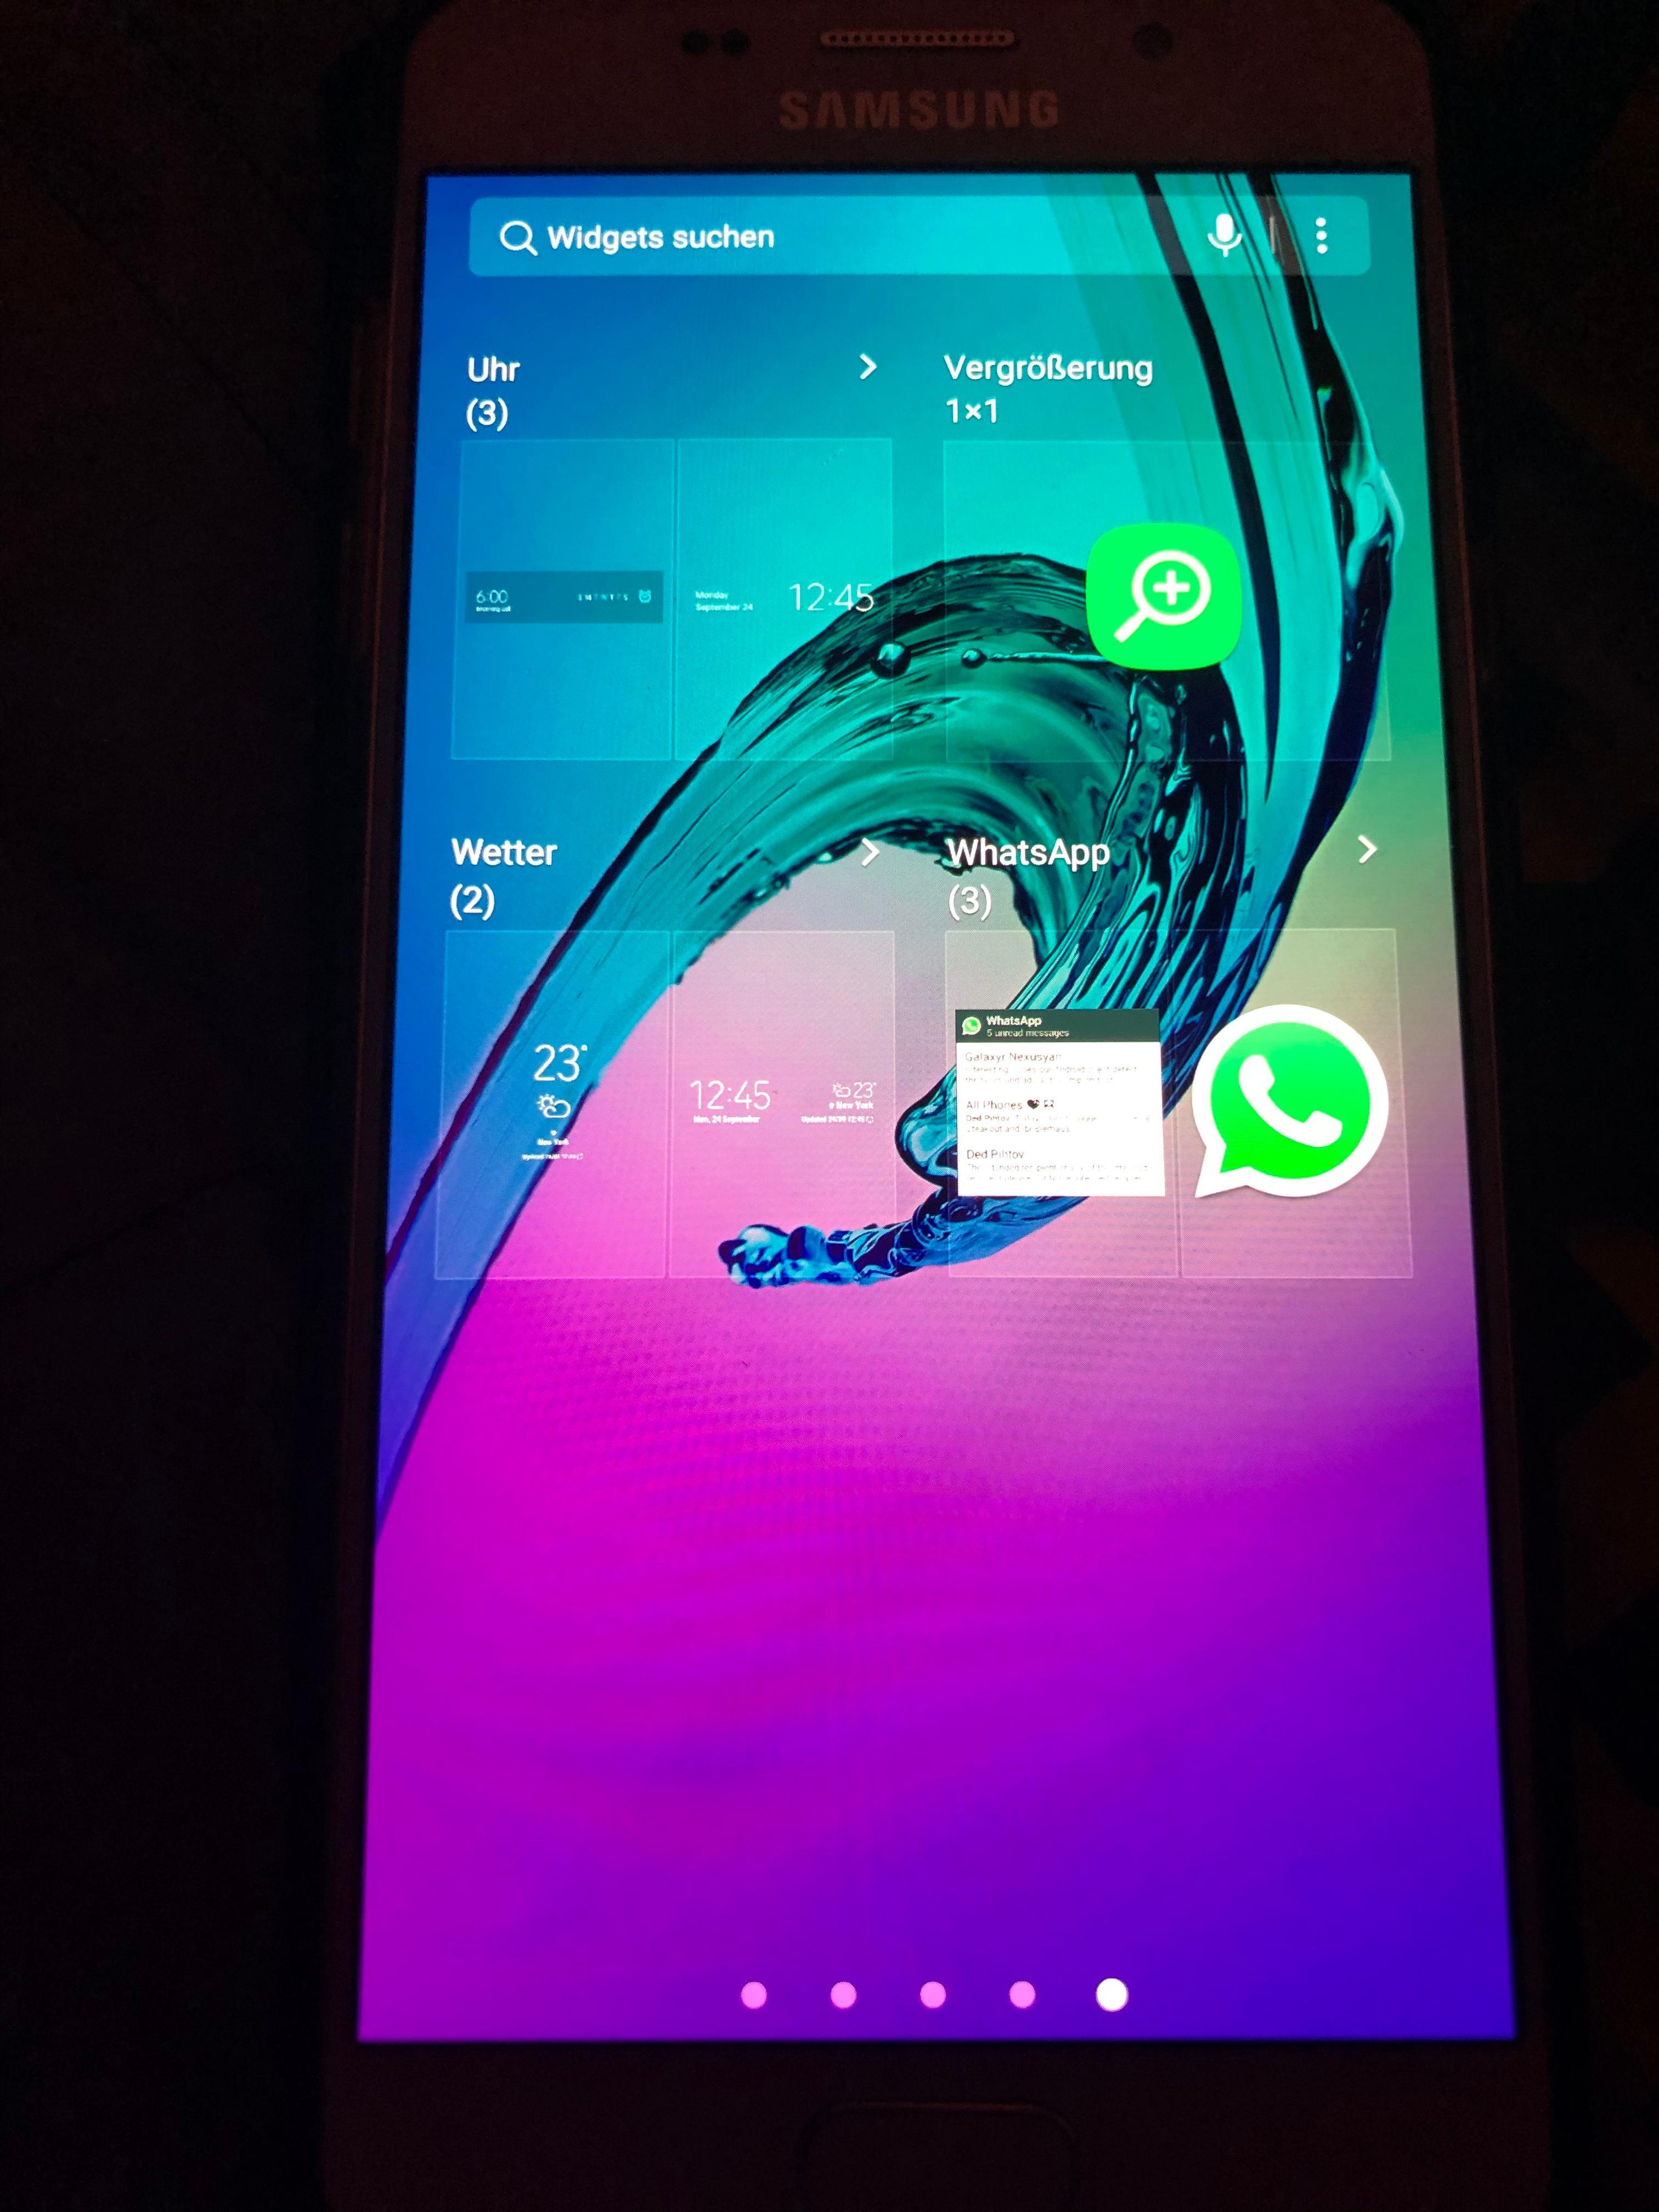 Whatsapp Nachricht Lesen Ohne Online Zu Gehen - atisa weina